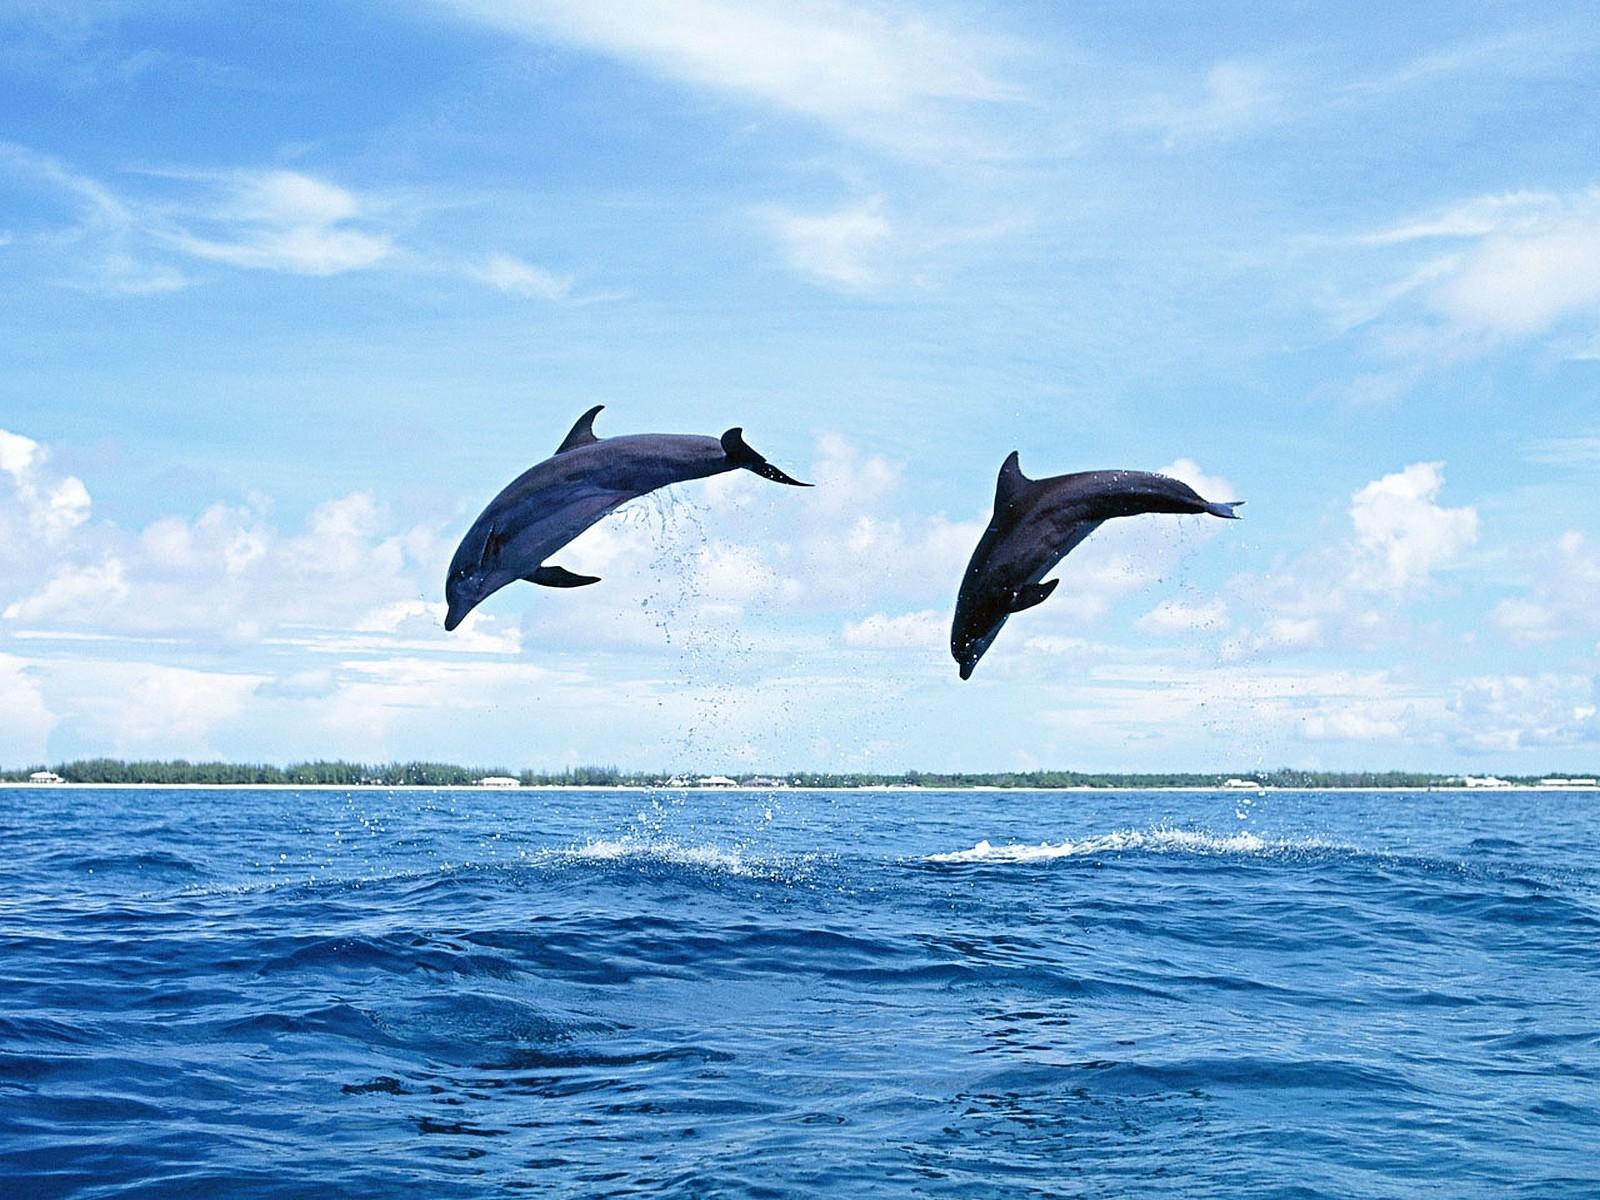 7306 Hintergrundbild herunterladen Delfine, Tiere, Natur - Bildschirmschoner und Bilder kostenlos